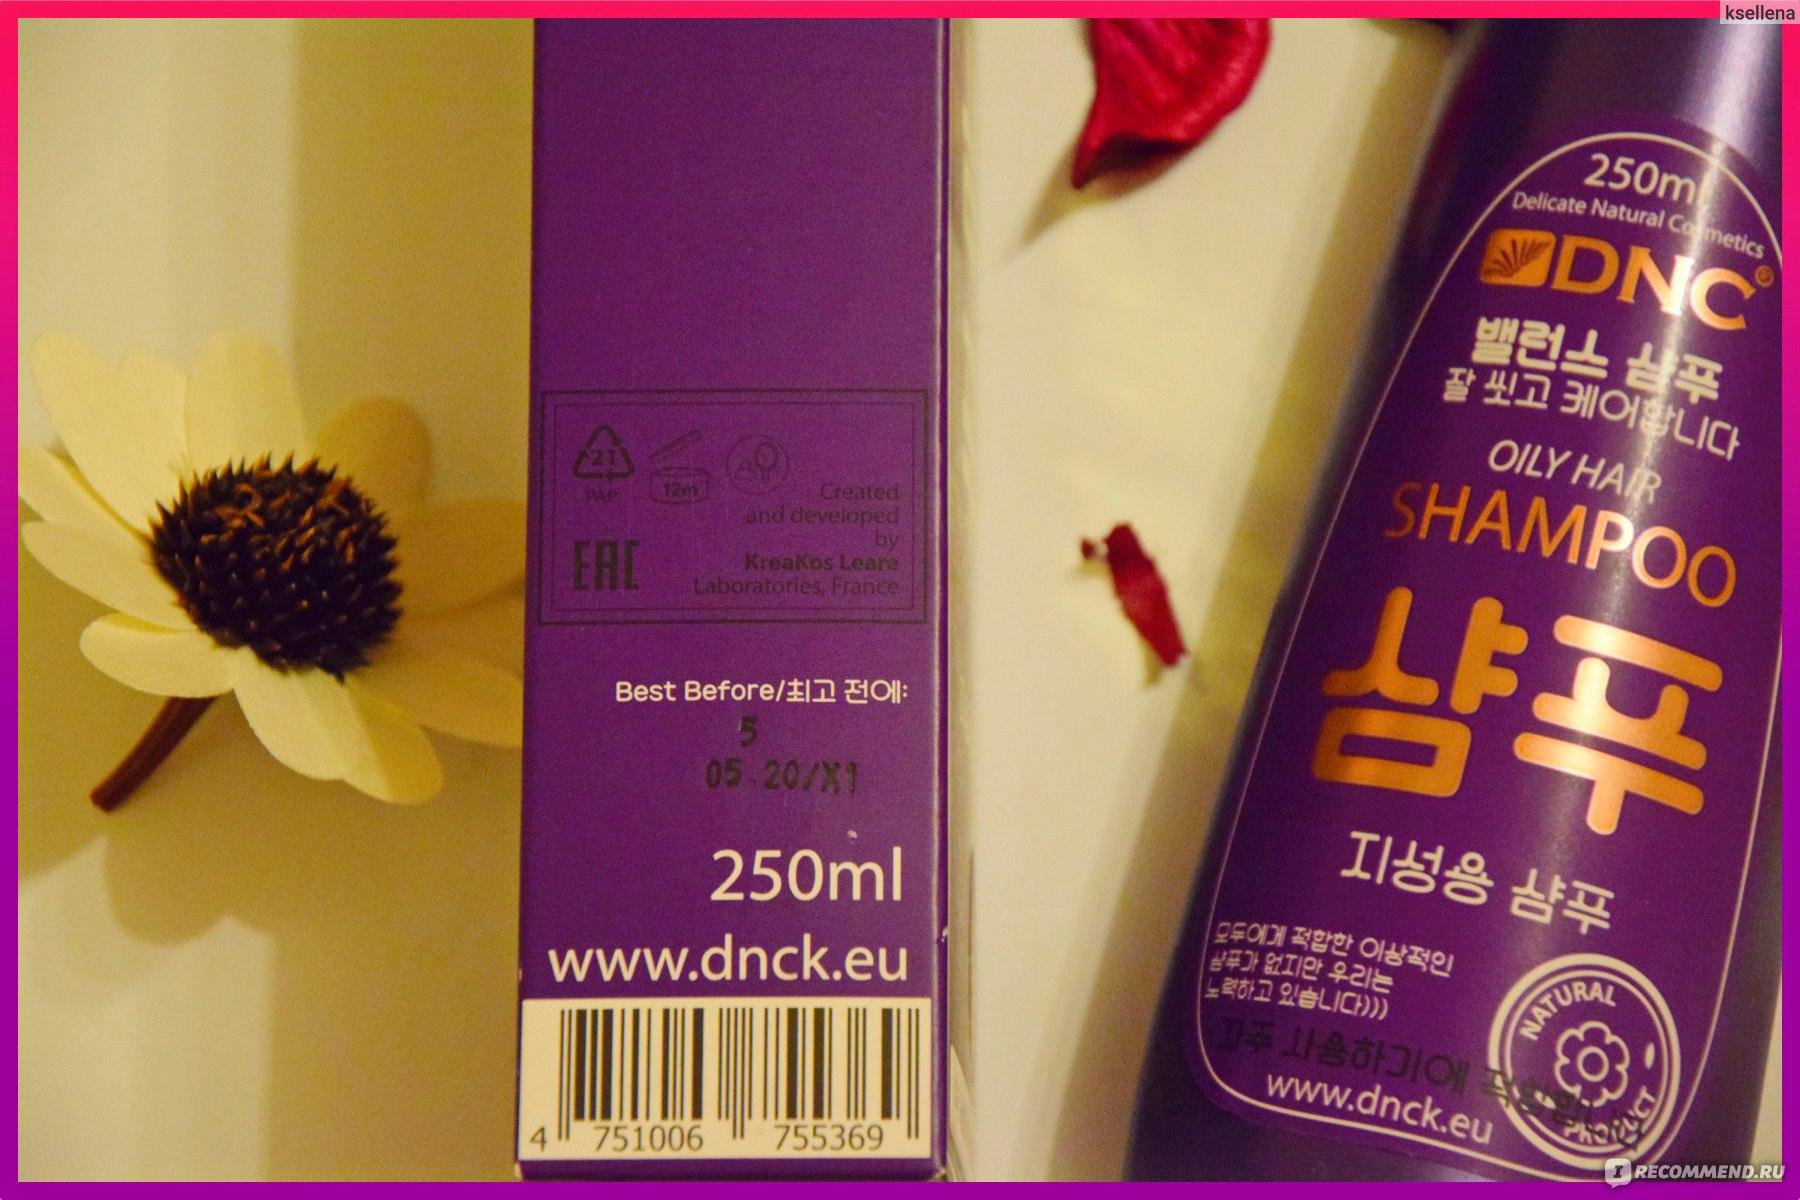 Шампунь dnc для жирных волос отзывы